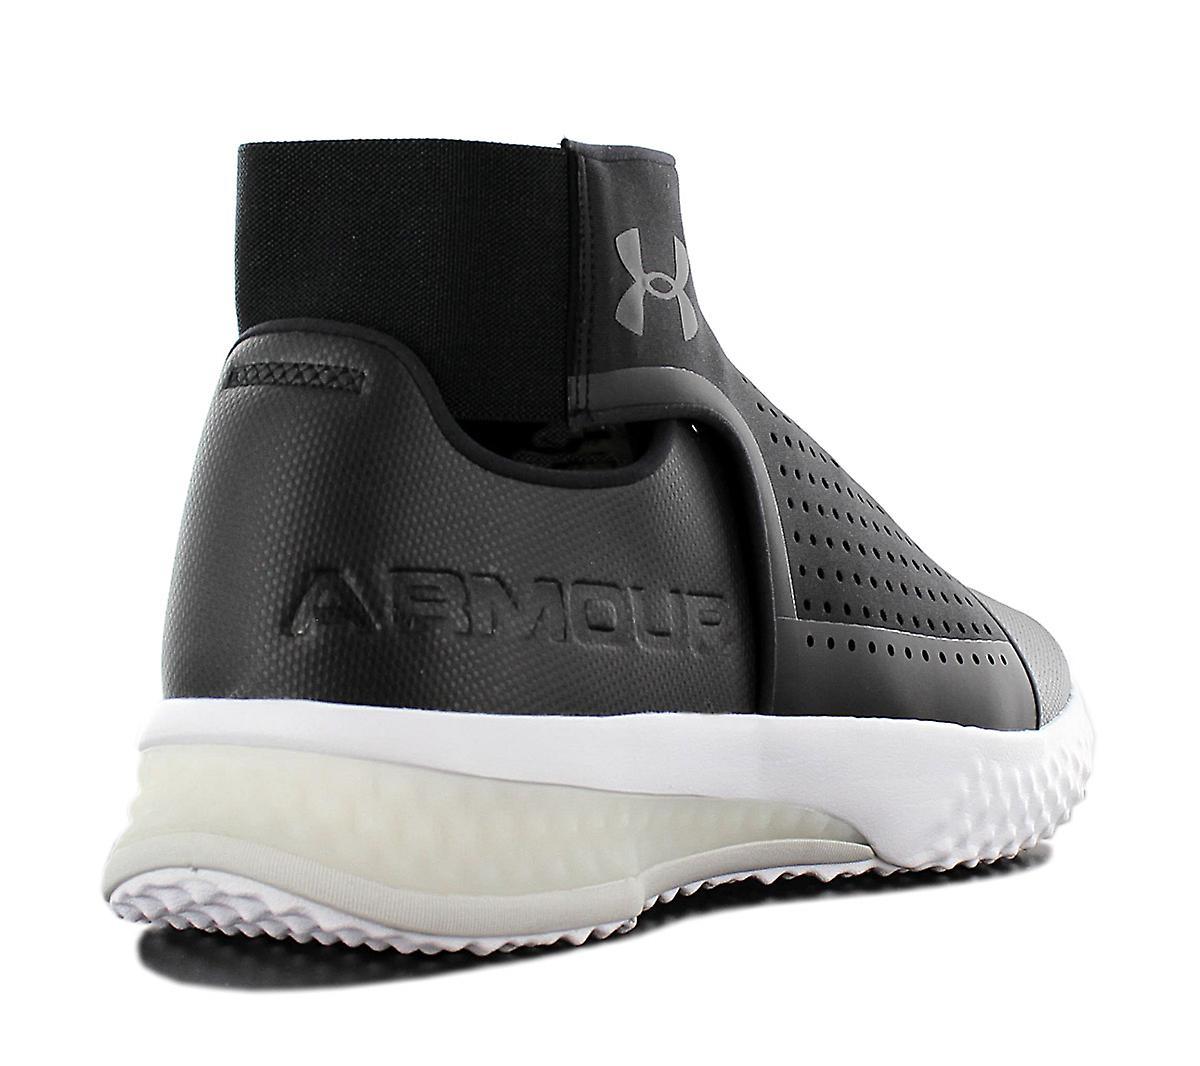 Under Armour Architech Futurist 3020546-003 Herren Schuhe Schwarz Sneakers Sportschuhe